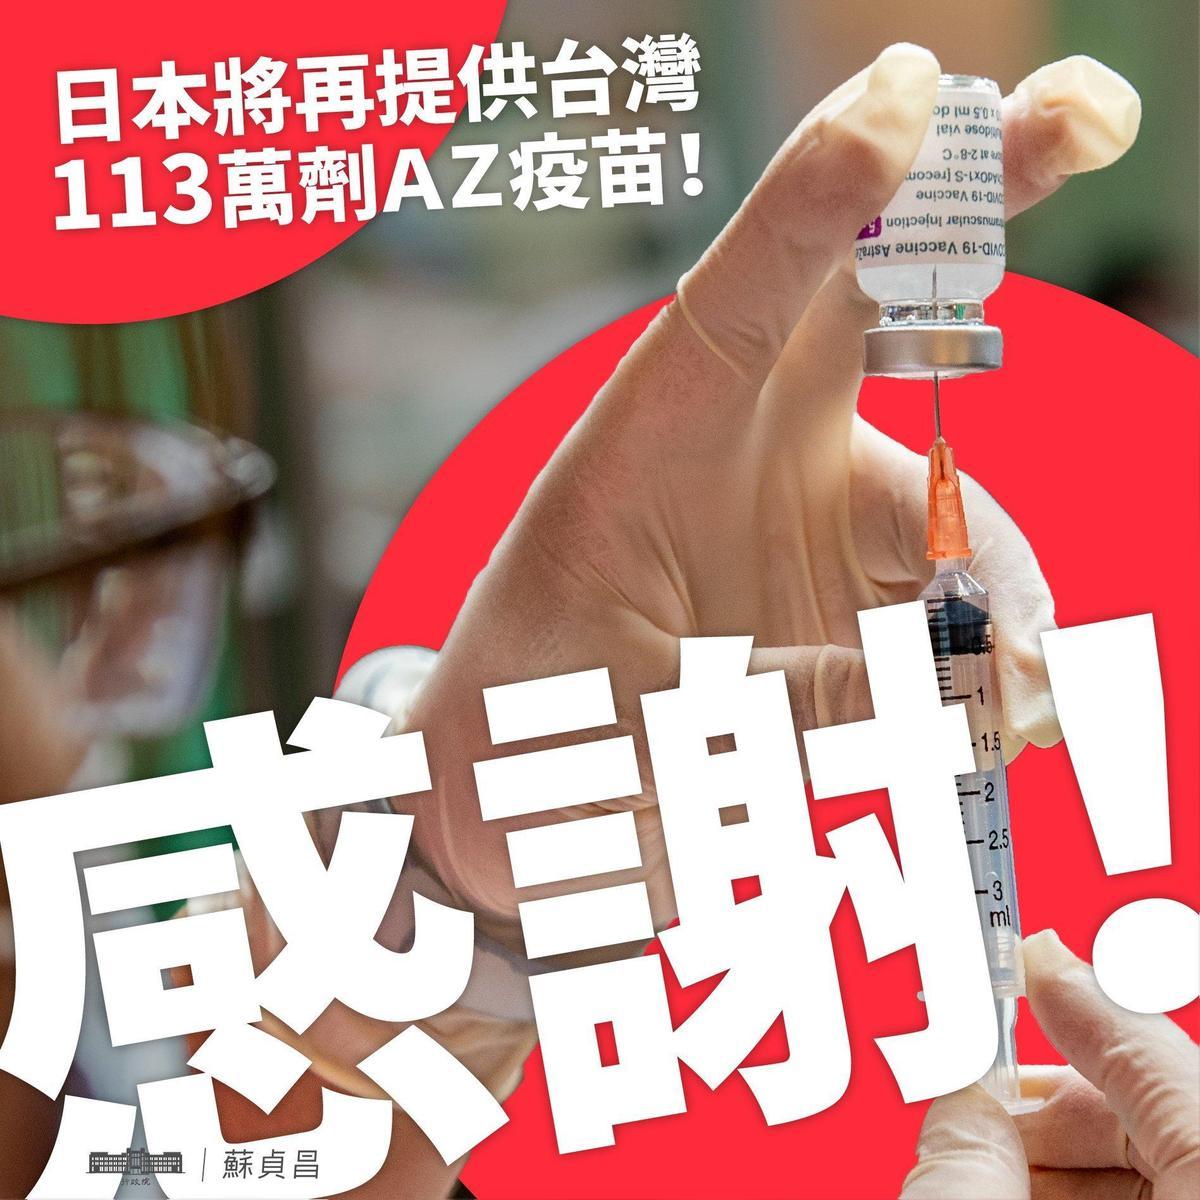 日再贈台113萬劑AZ疫苗,蘇貞昌感謝真朋友的慷慨,並預祝日本東京奧運一切順利。(翻攝自蘇貞昌臉書)